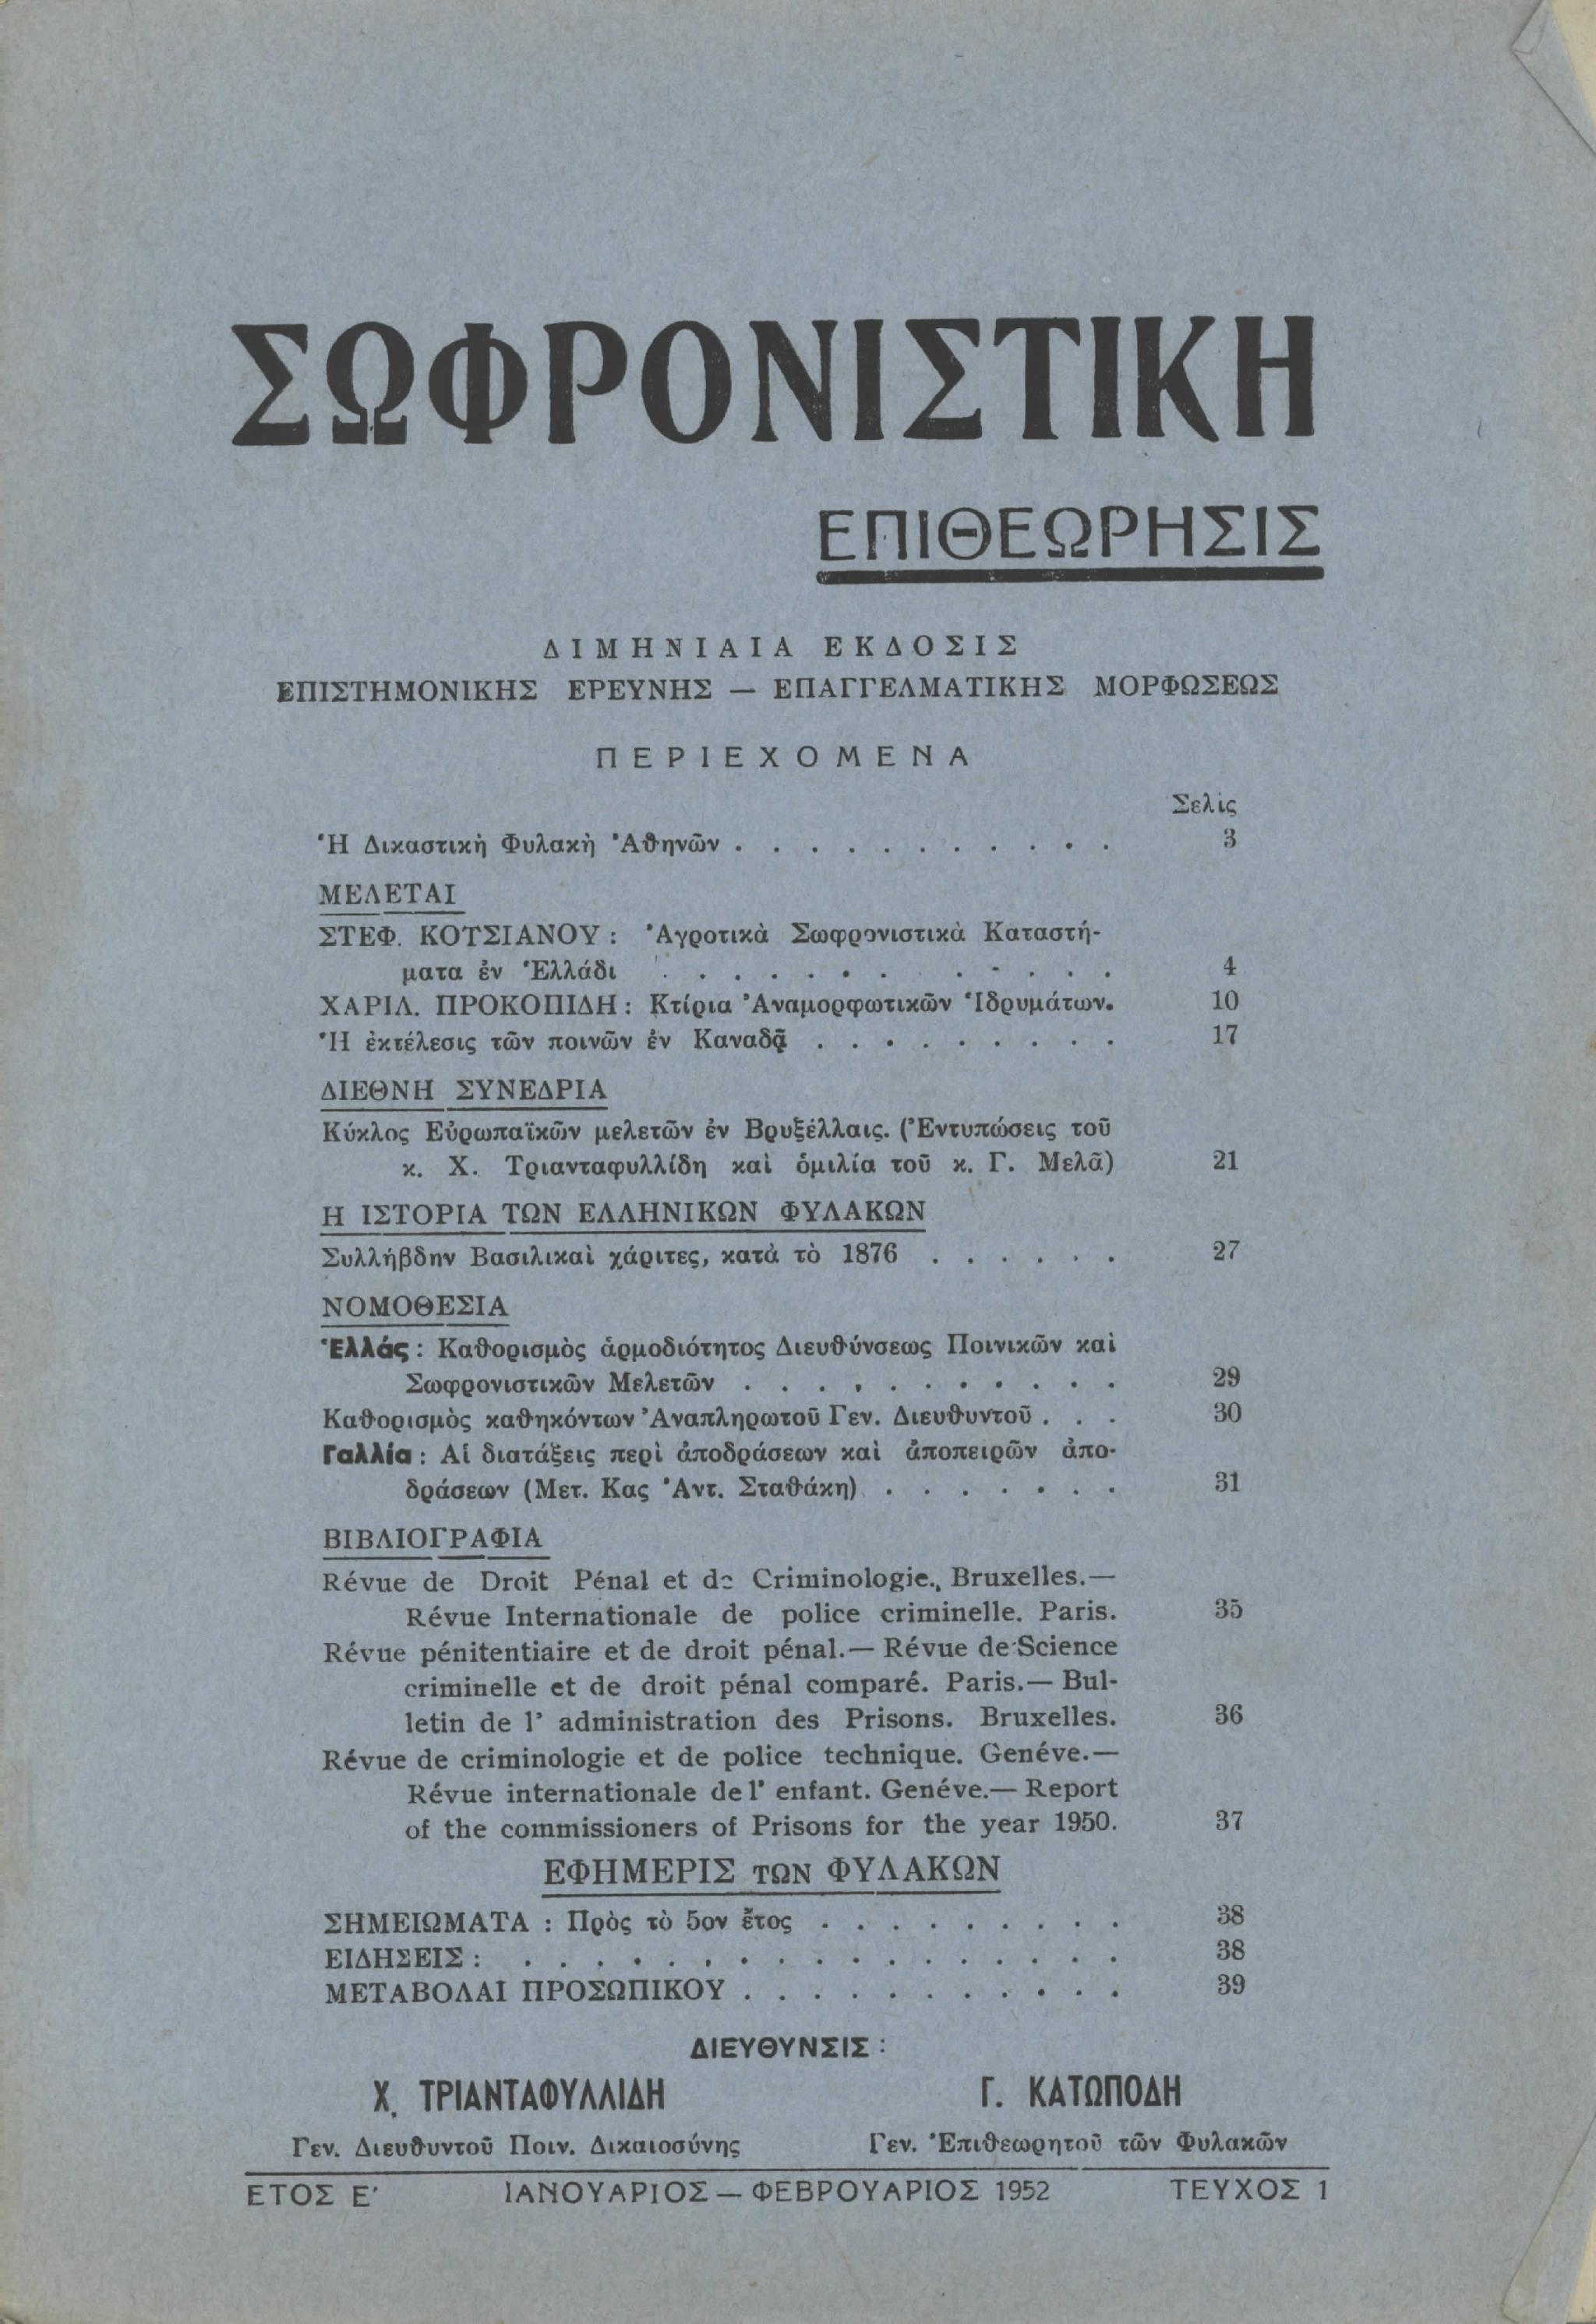 Σωφρονιστική Επιθεώρησις 1952 - Αγροτικά σωφρονιστικά καταστήματα εν Ελλάδι